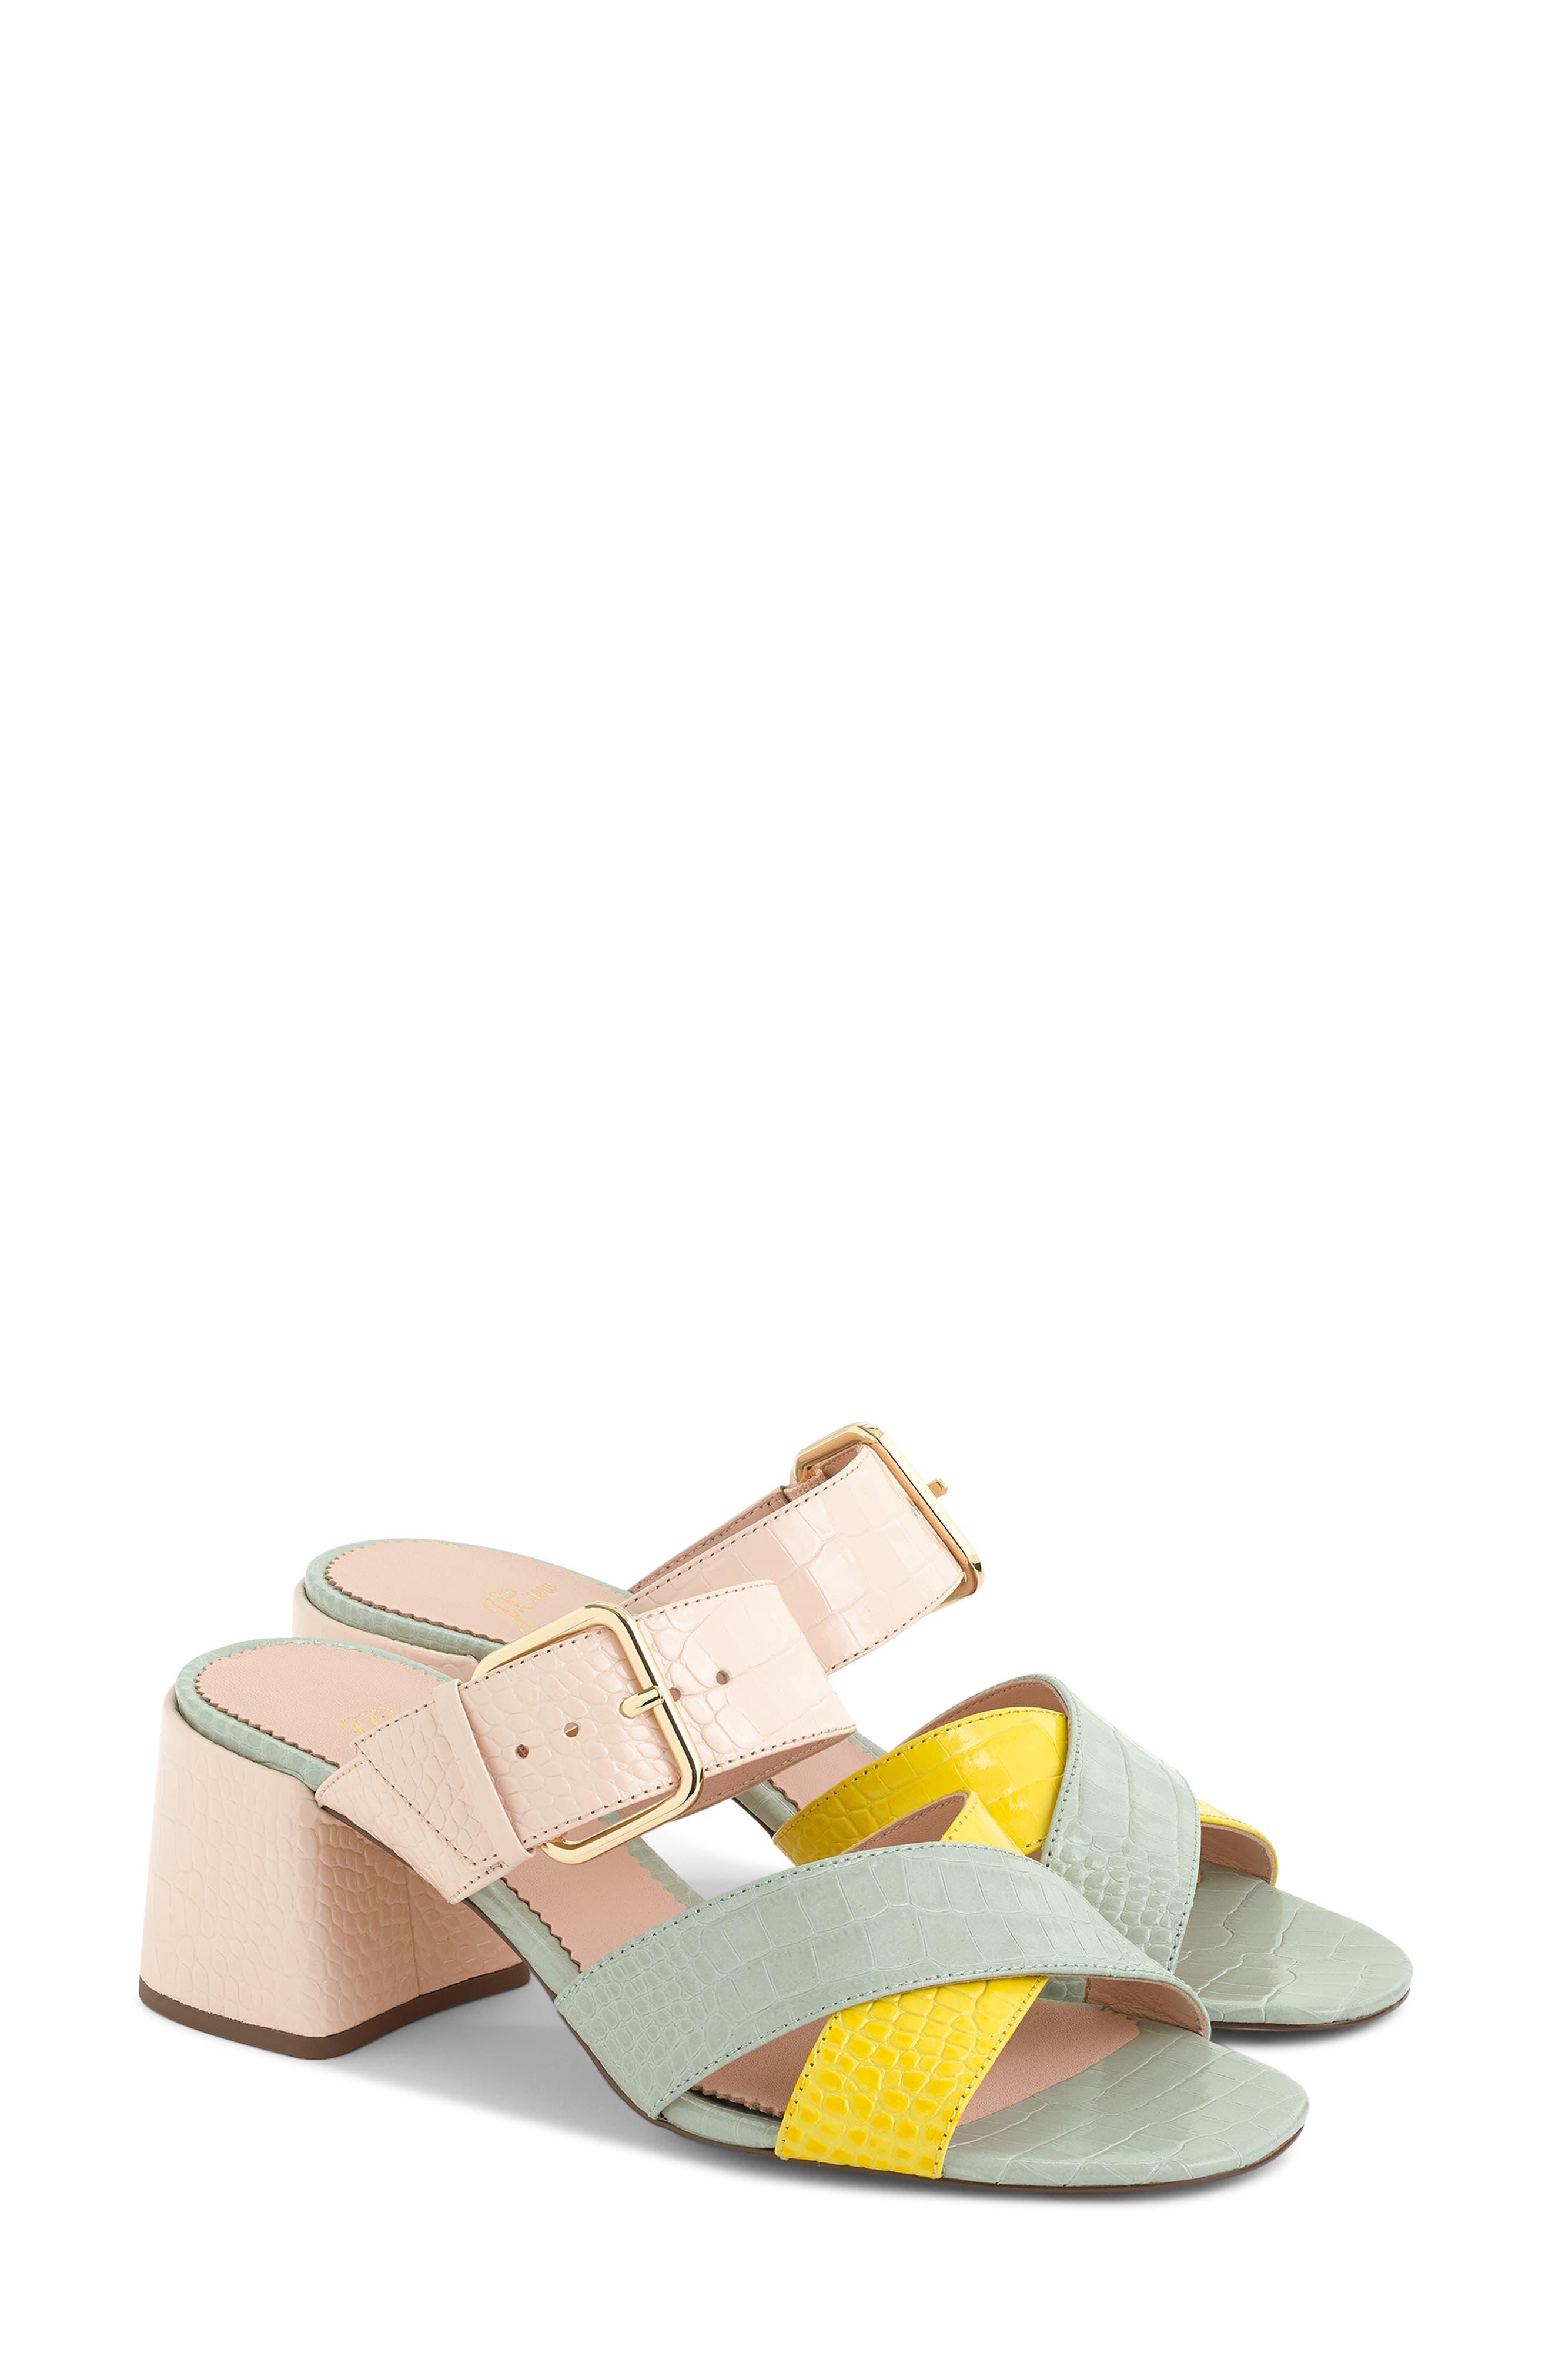 J.crew Penny Colorblock Faux Croc Slide Sandal- Yellow